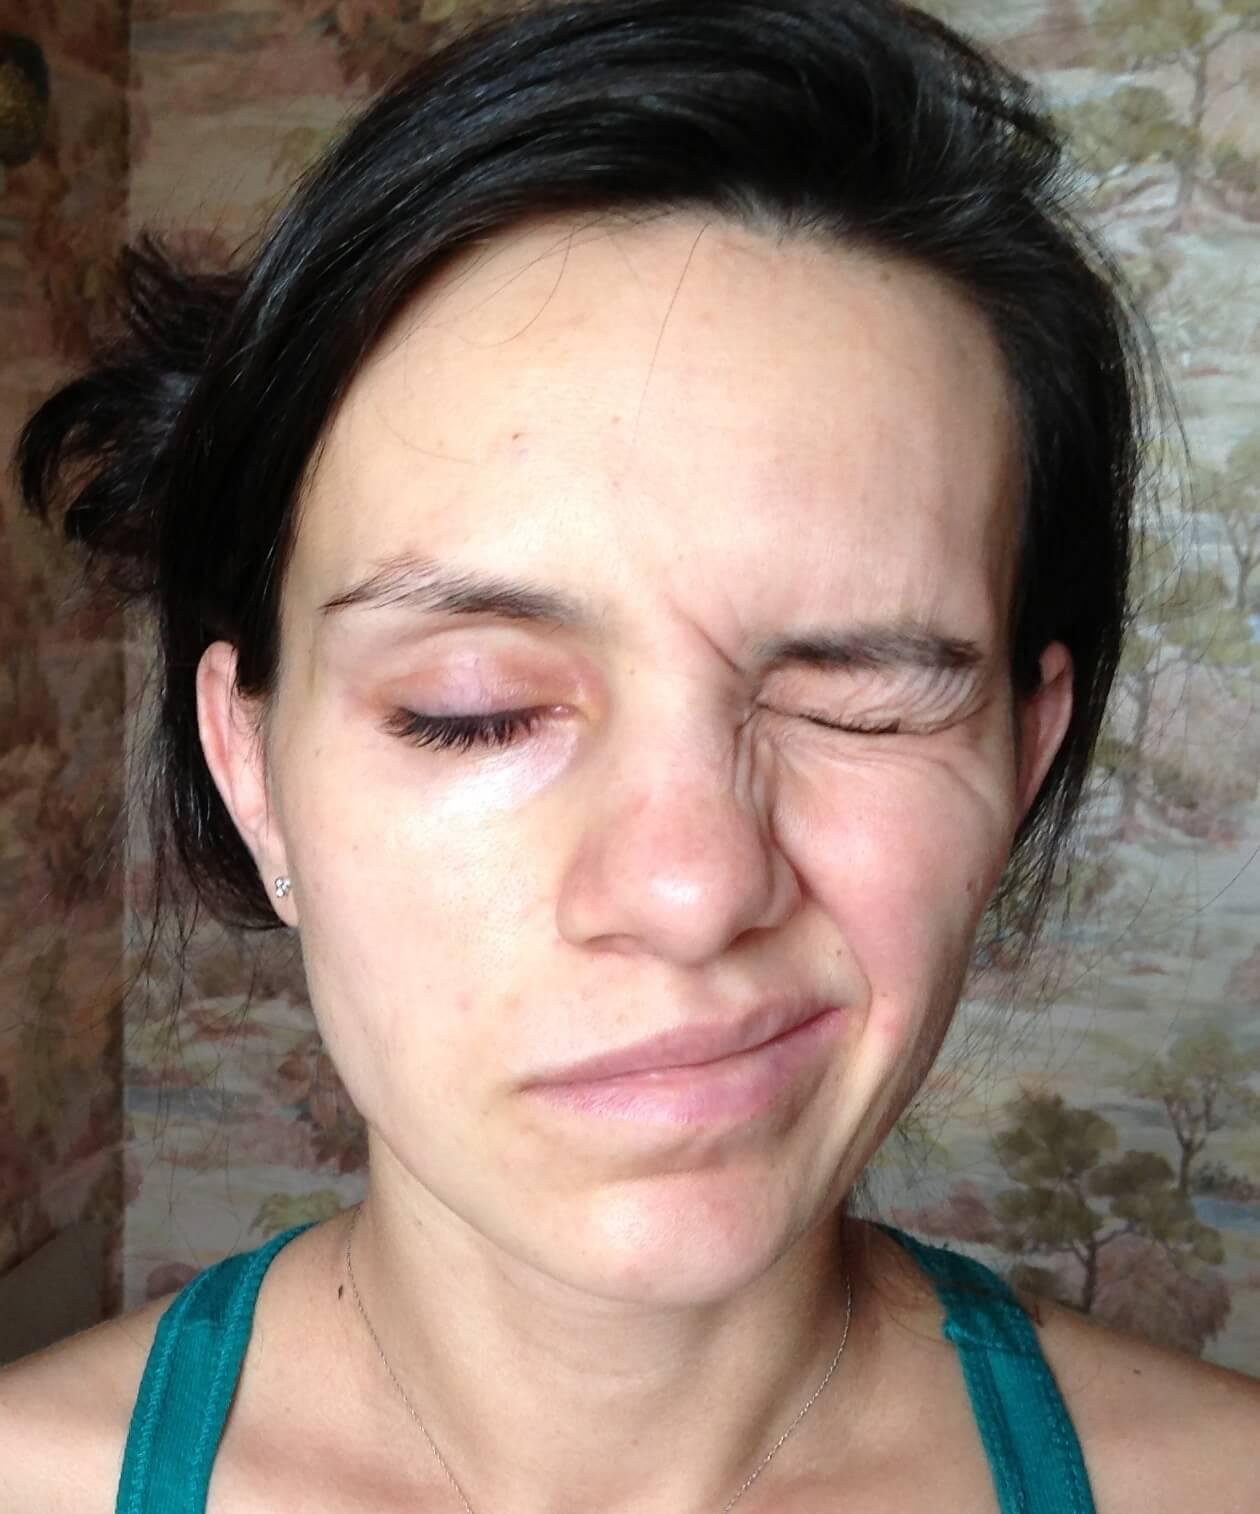 для невропатия лицевого нерва фото нашем